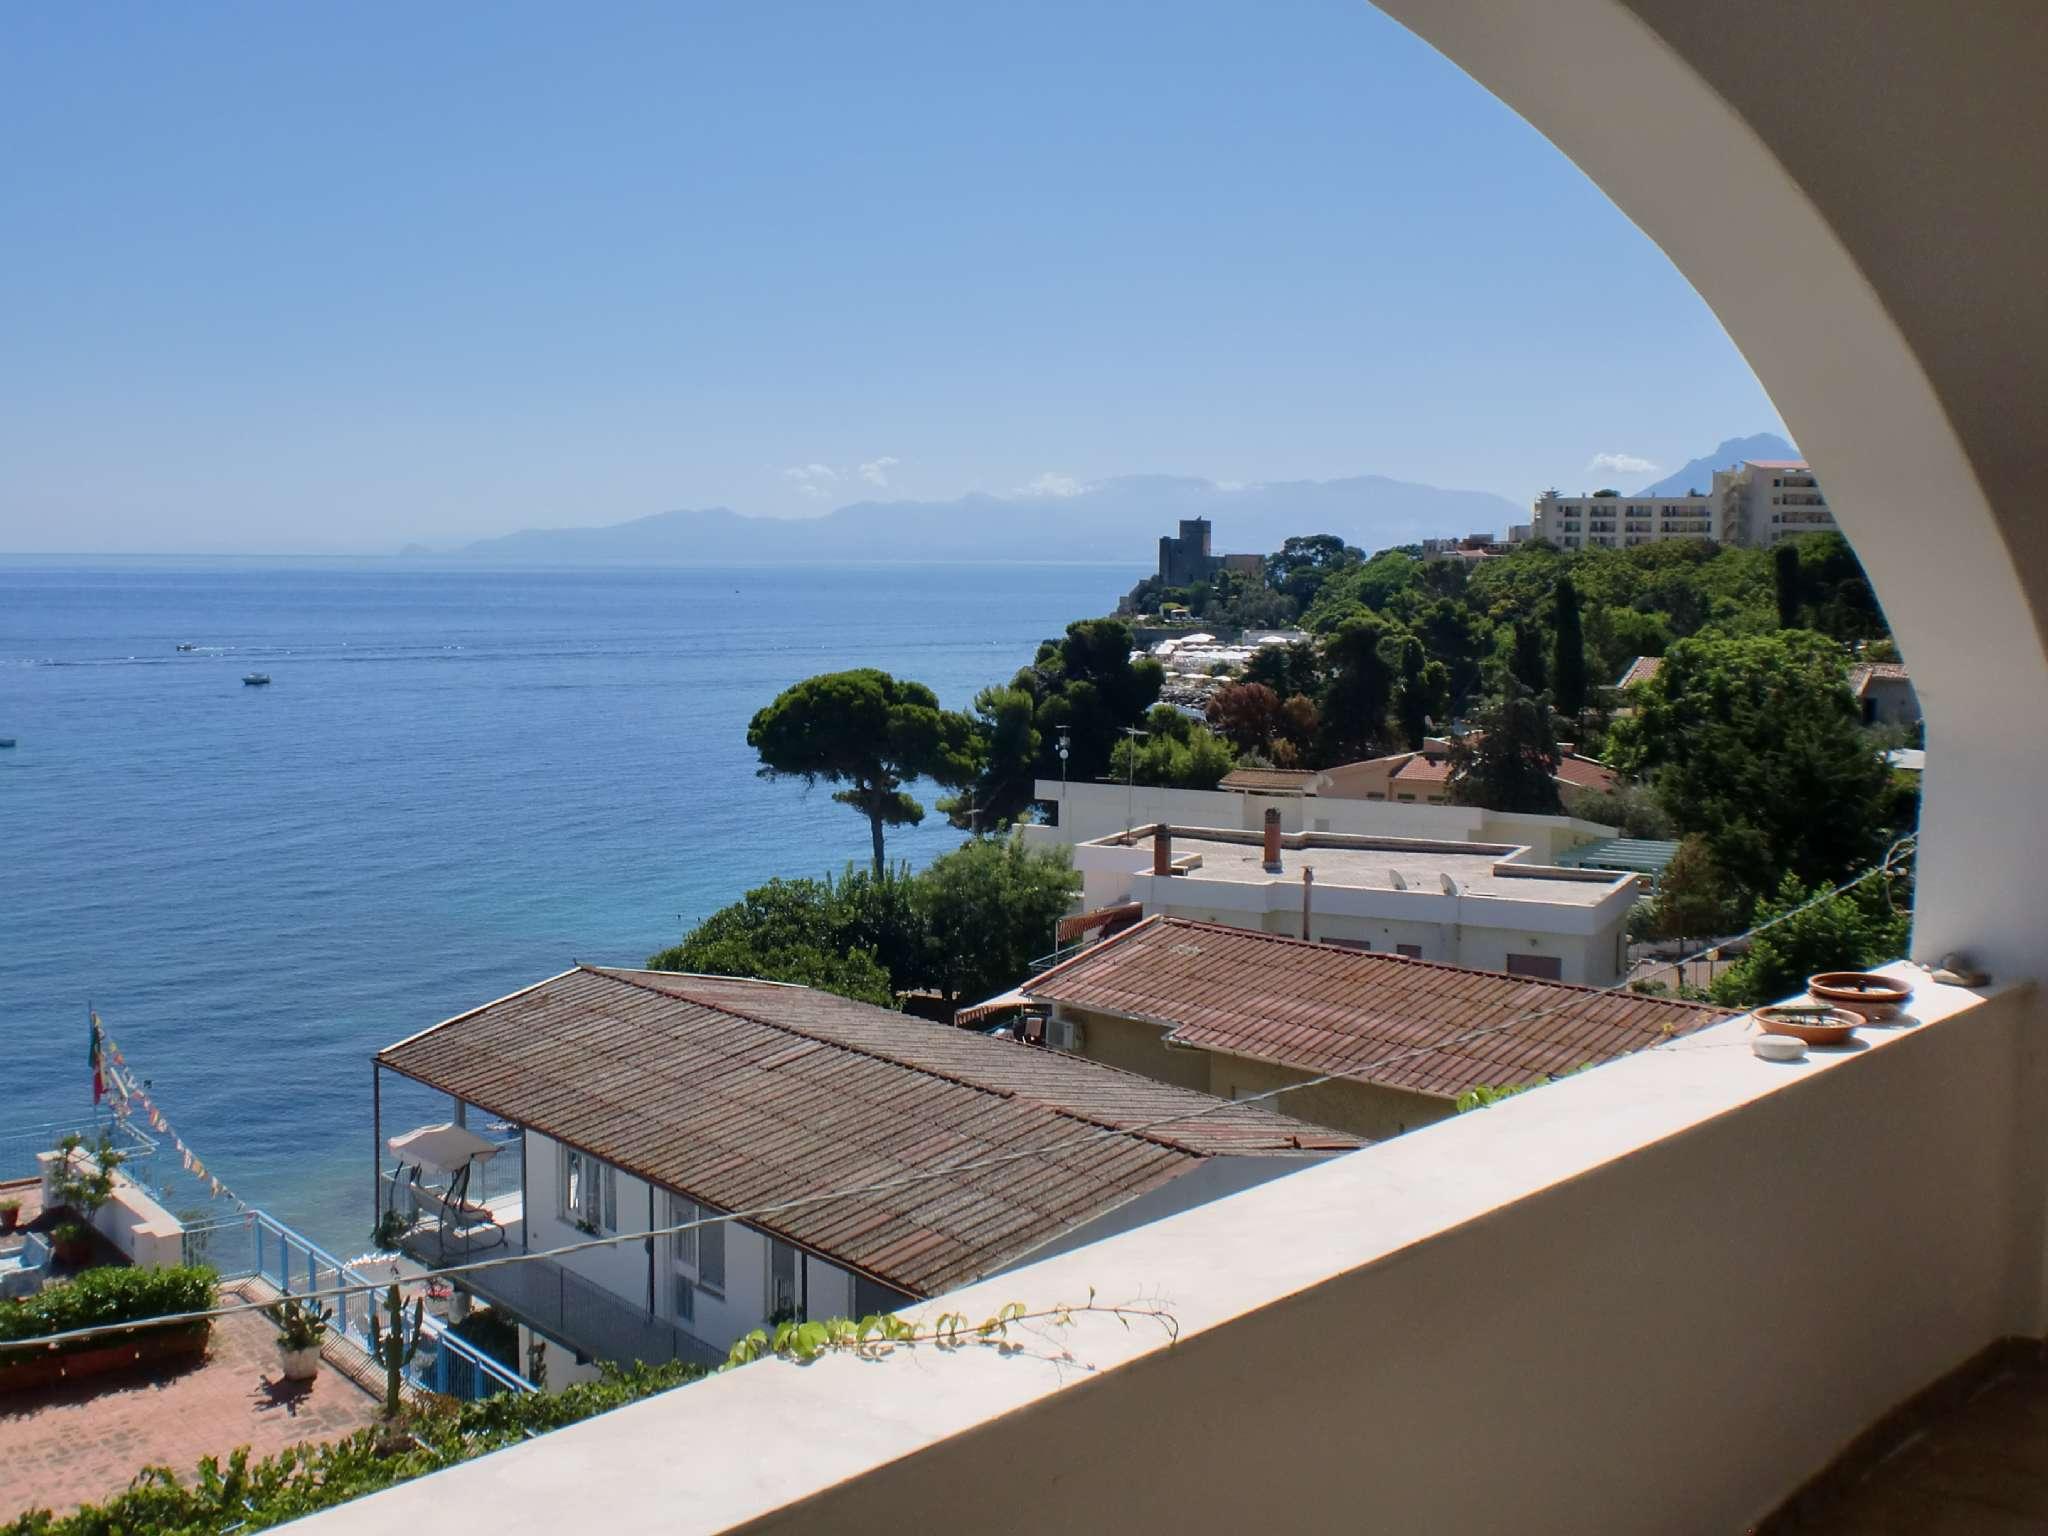 Appartamento in vendita a Santa Flavia, 5 locali, prezzo € 200.000 | PortaleAgenzieImmobiliari.it